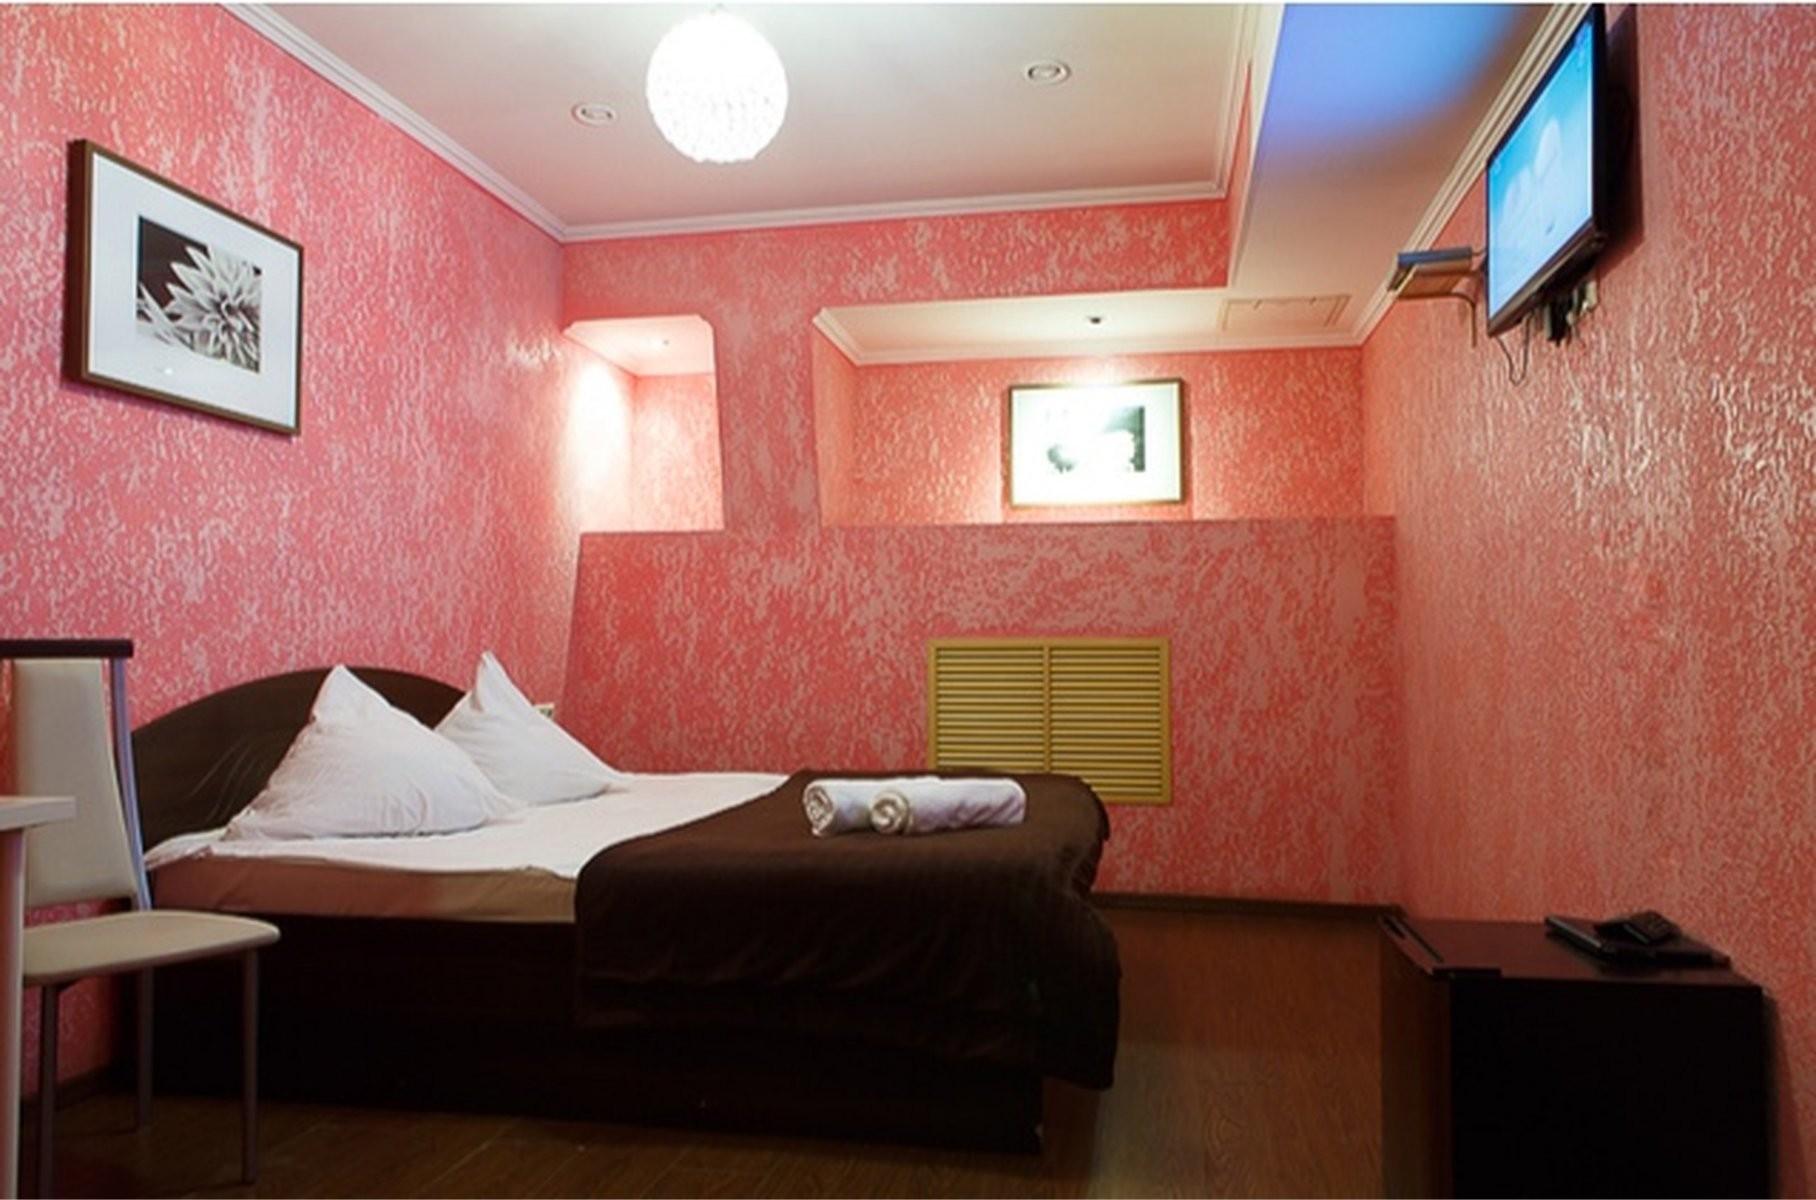 Сиеста, мини-отель - №1